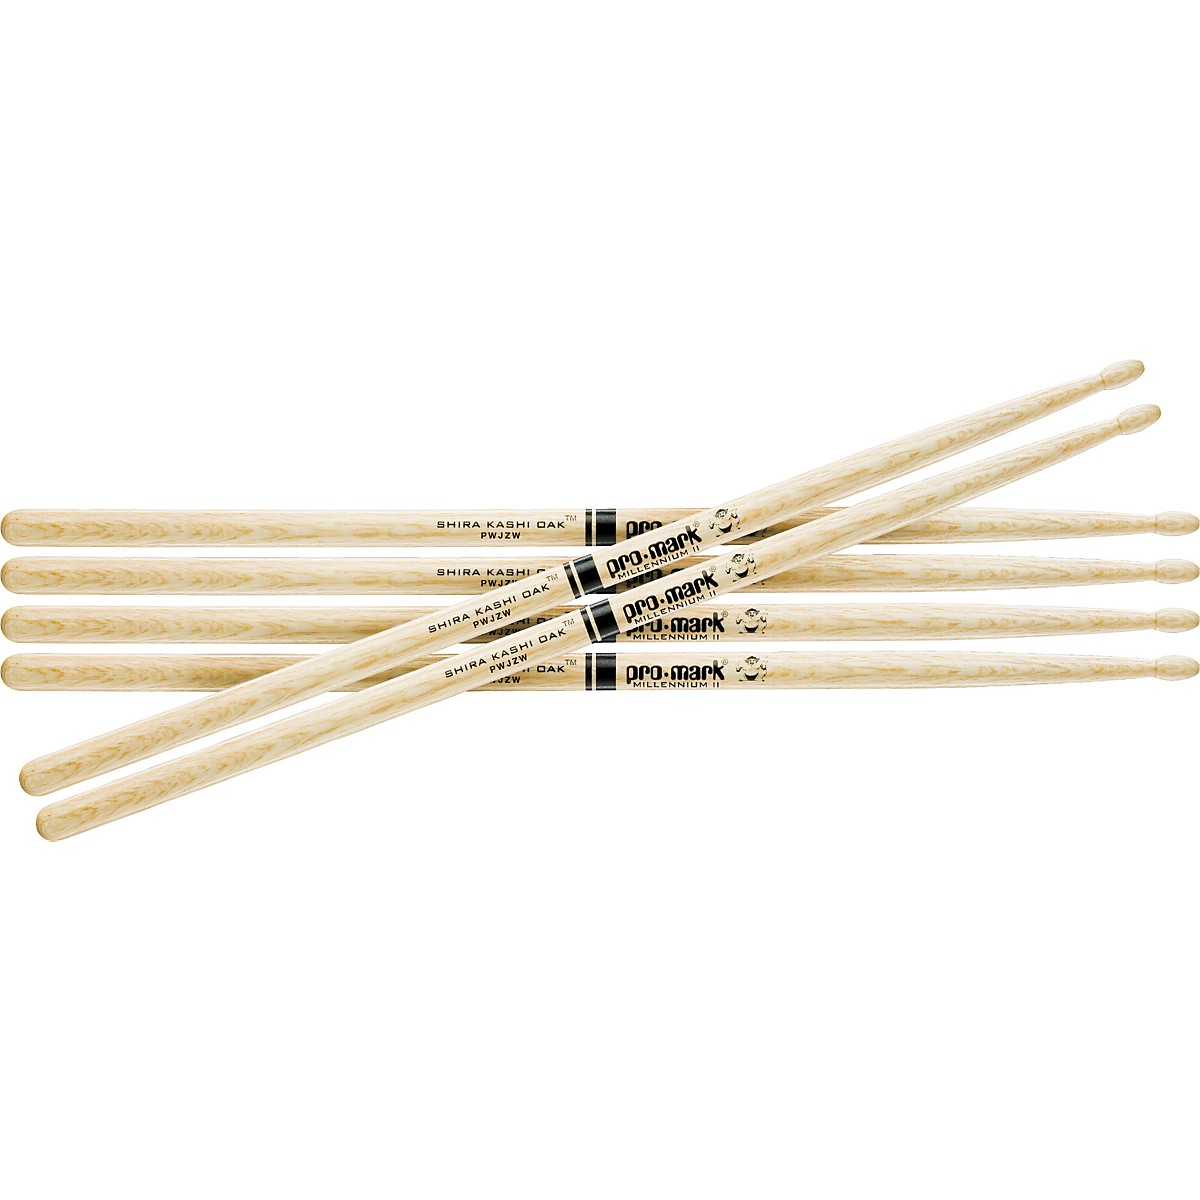 Promark 3-Pair Japanese White Oak Drumsticks